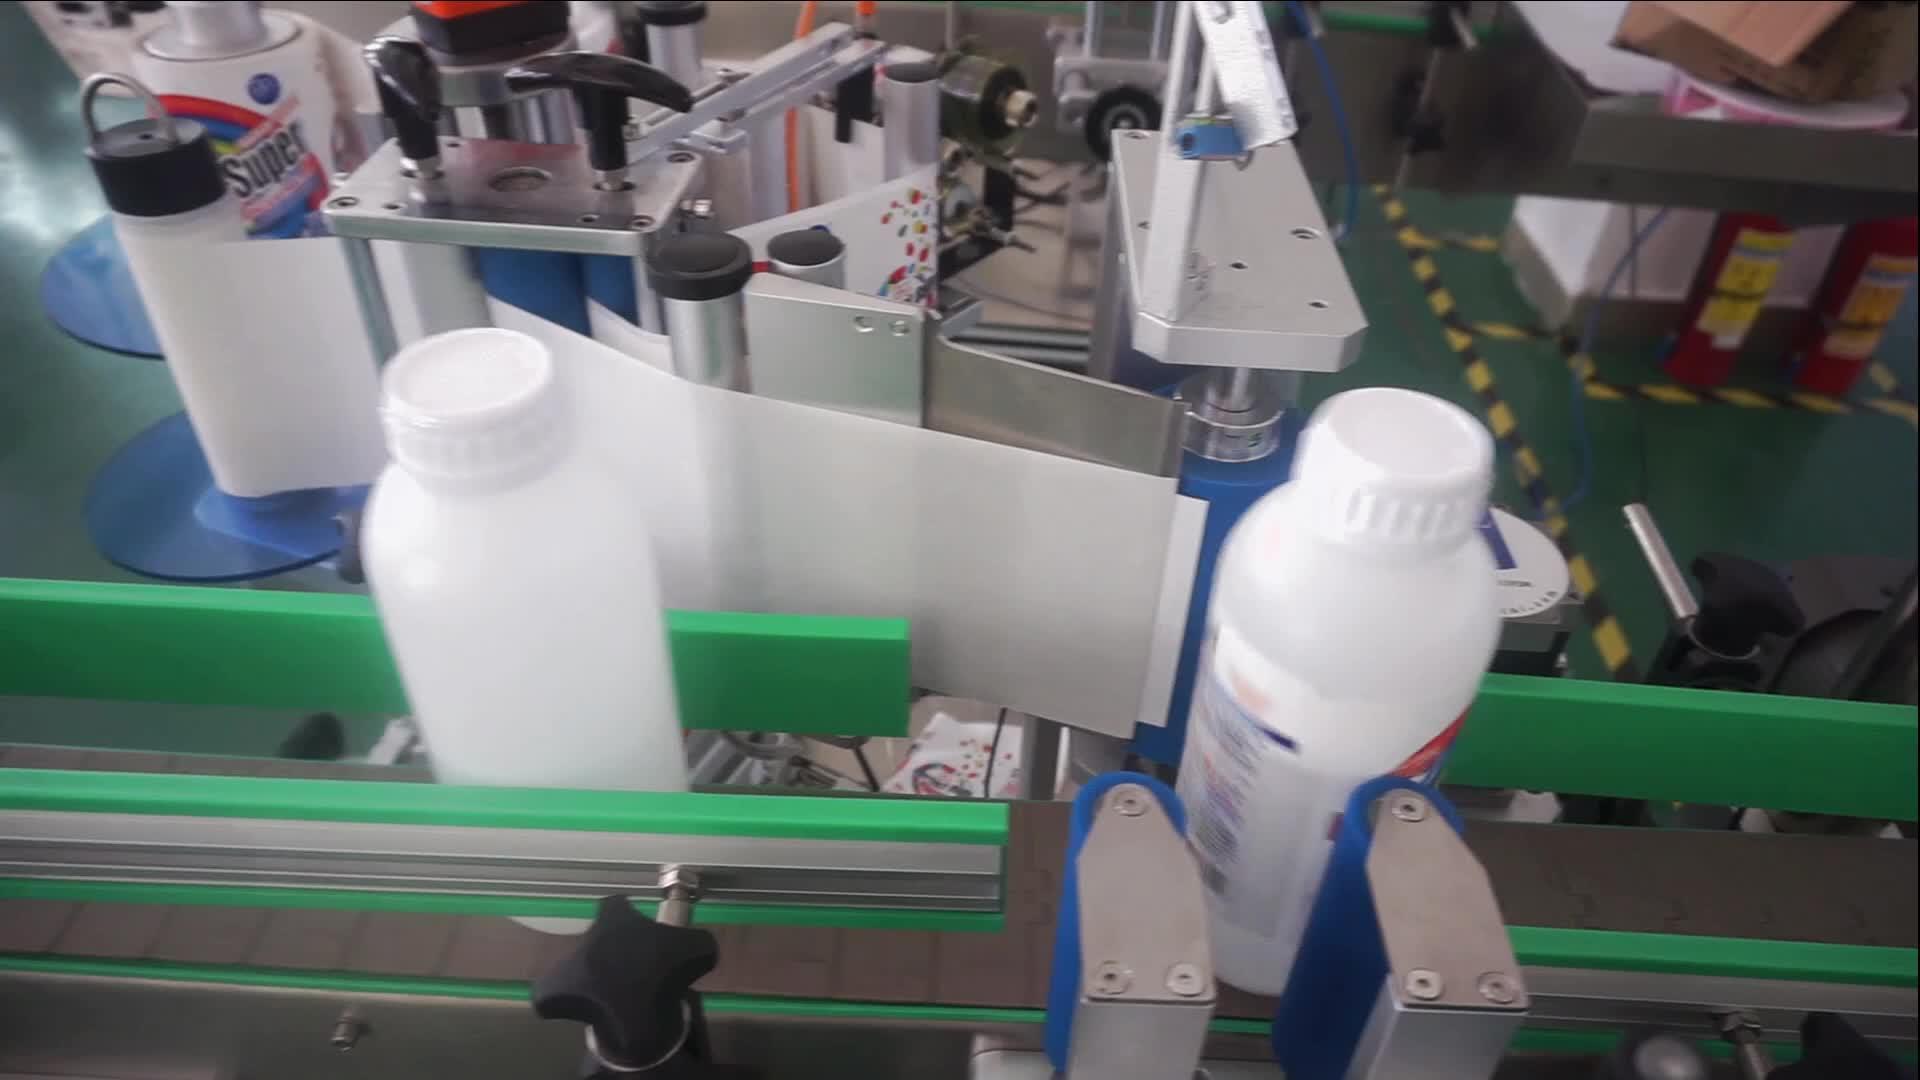 Precio de fábrica, máquina automática botella redonda máquina de etiquetado para galón botella de vino rojo Cubo de pintura cubo latas frascos etiquetado